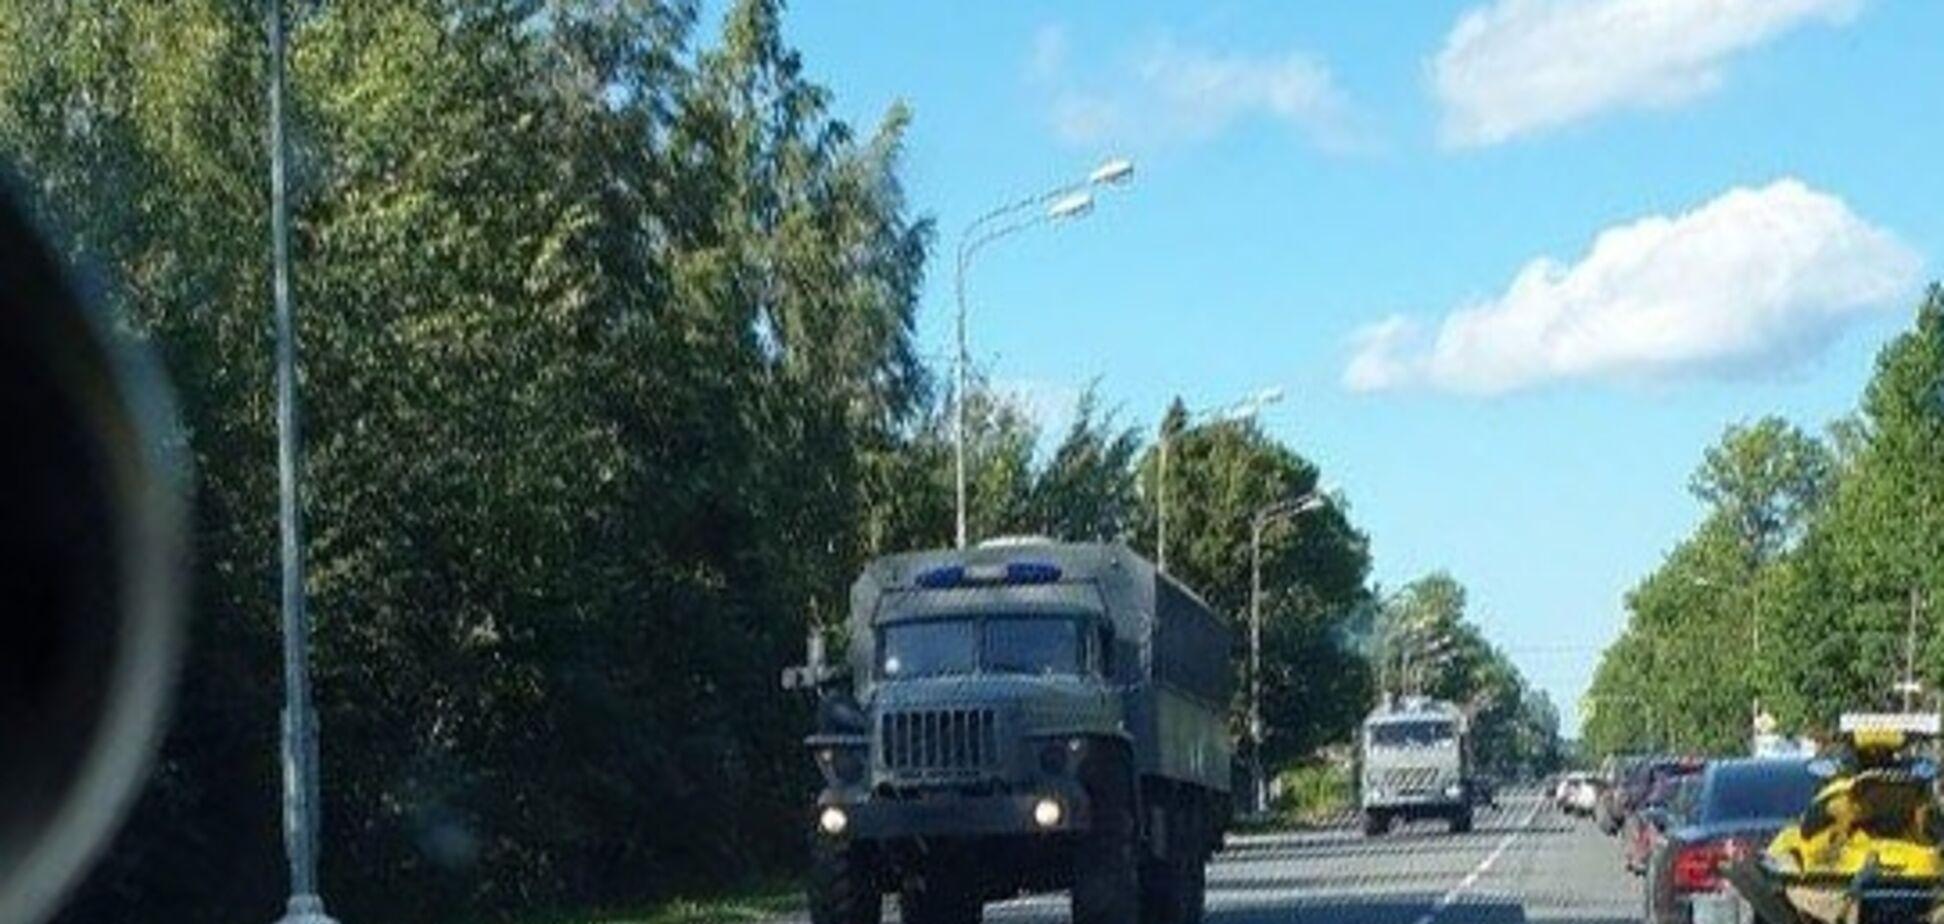 В России в направлении Беларуси зафиксировали колонну военной техники (фото: Фонтанка)